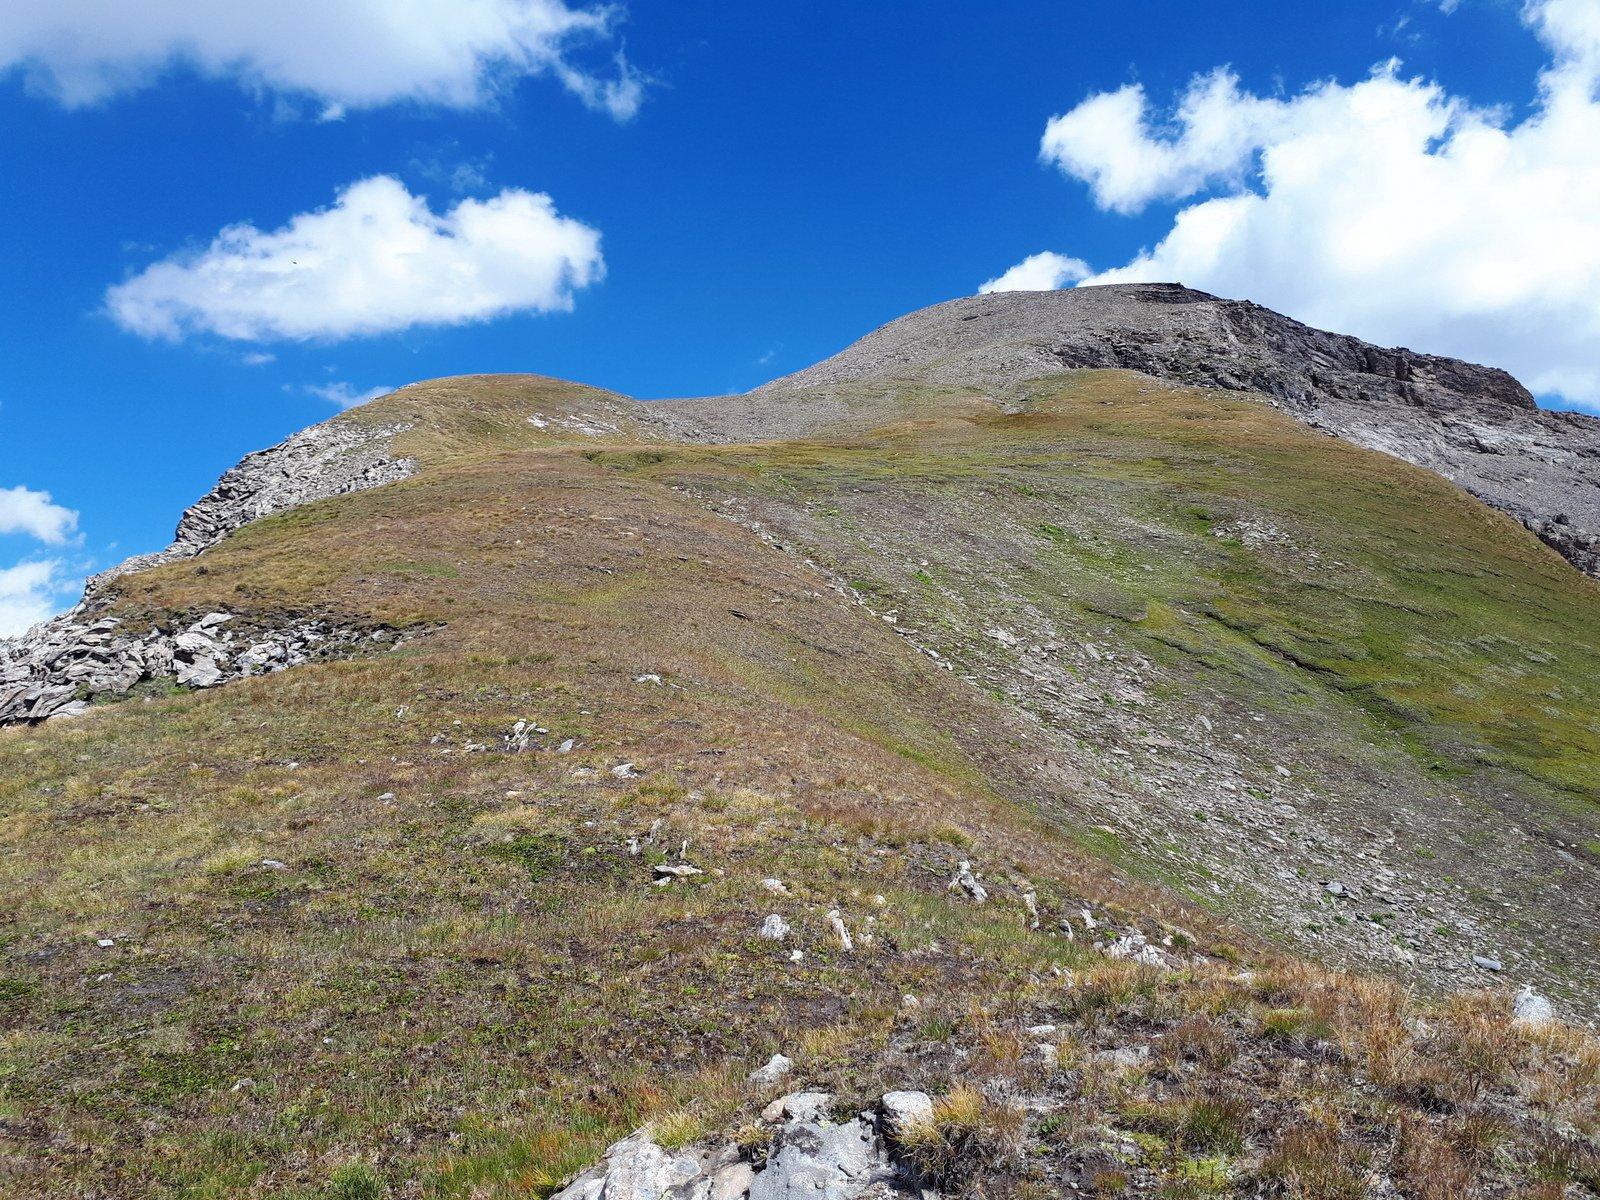 La cresta da q.2900 dove la pendenza si abbatte, a sinistra si intravede l'ometto